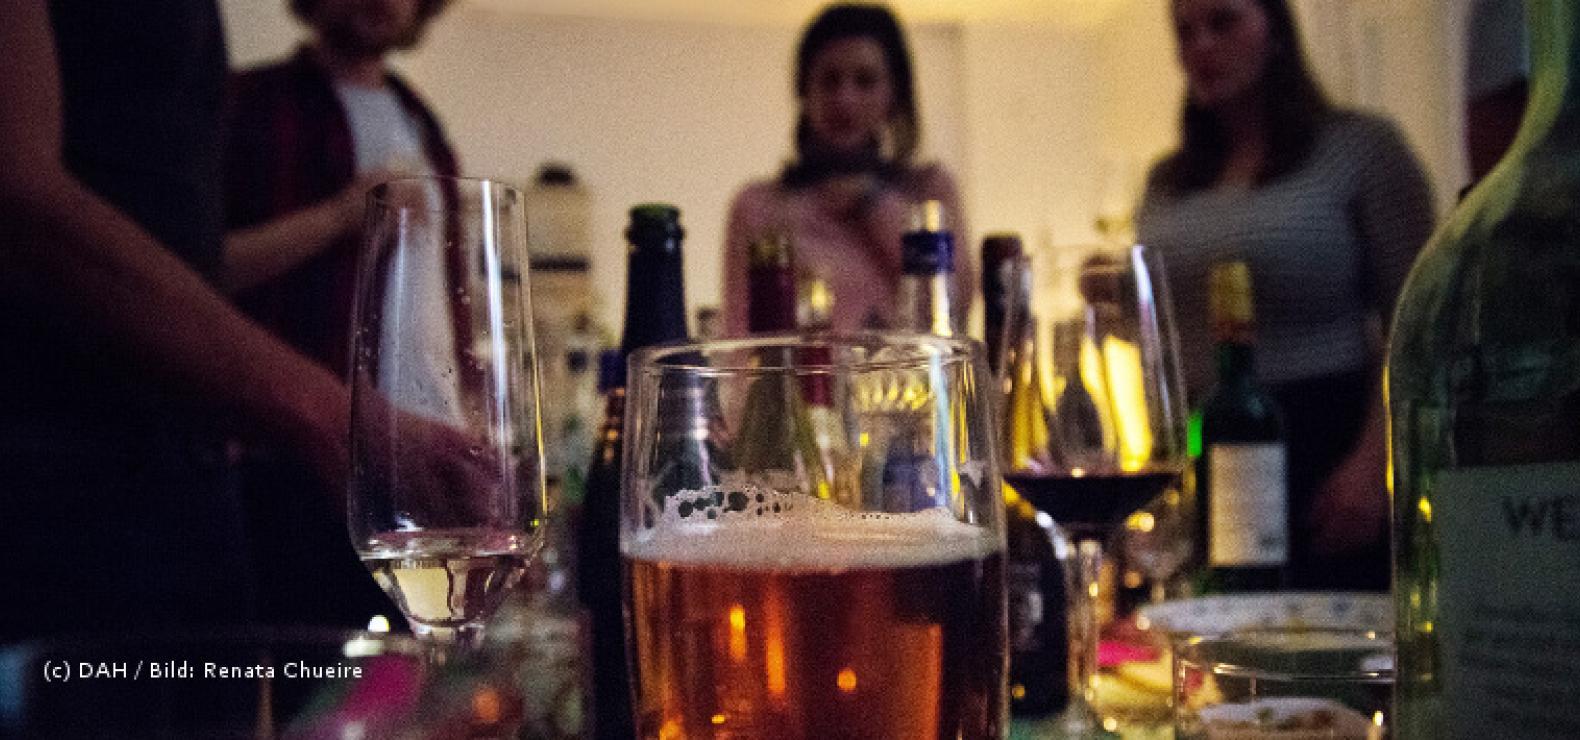 Blick auf eine Partyszene, im Vodergrund stehen mehrere alkoholische Getränke, im Hintergrund die Silhouetten von einigen Menschen